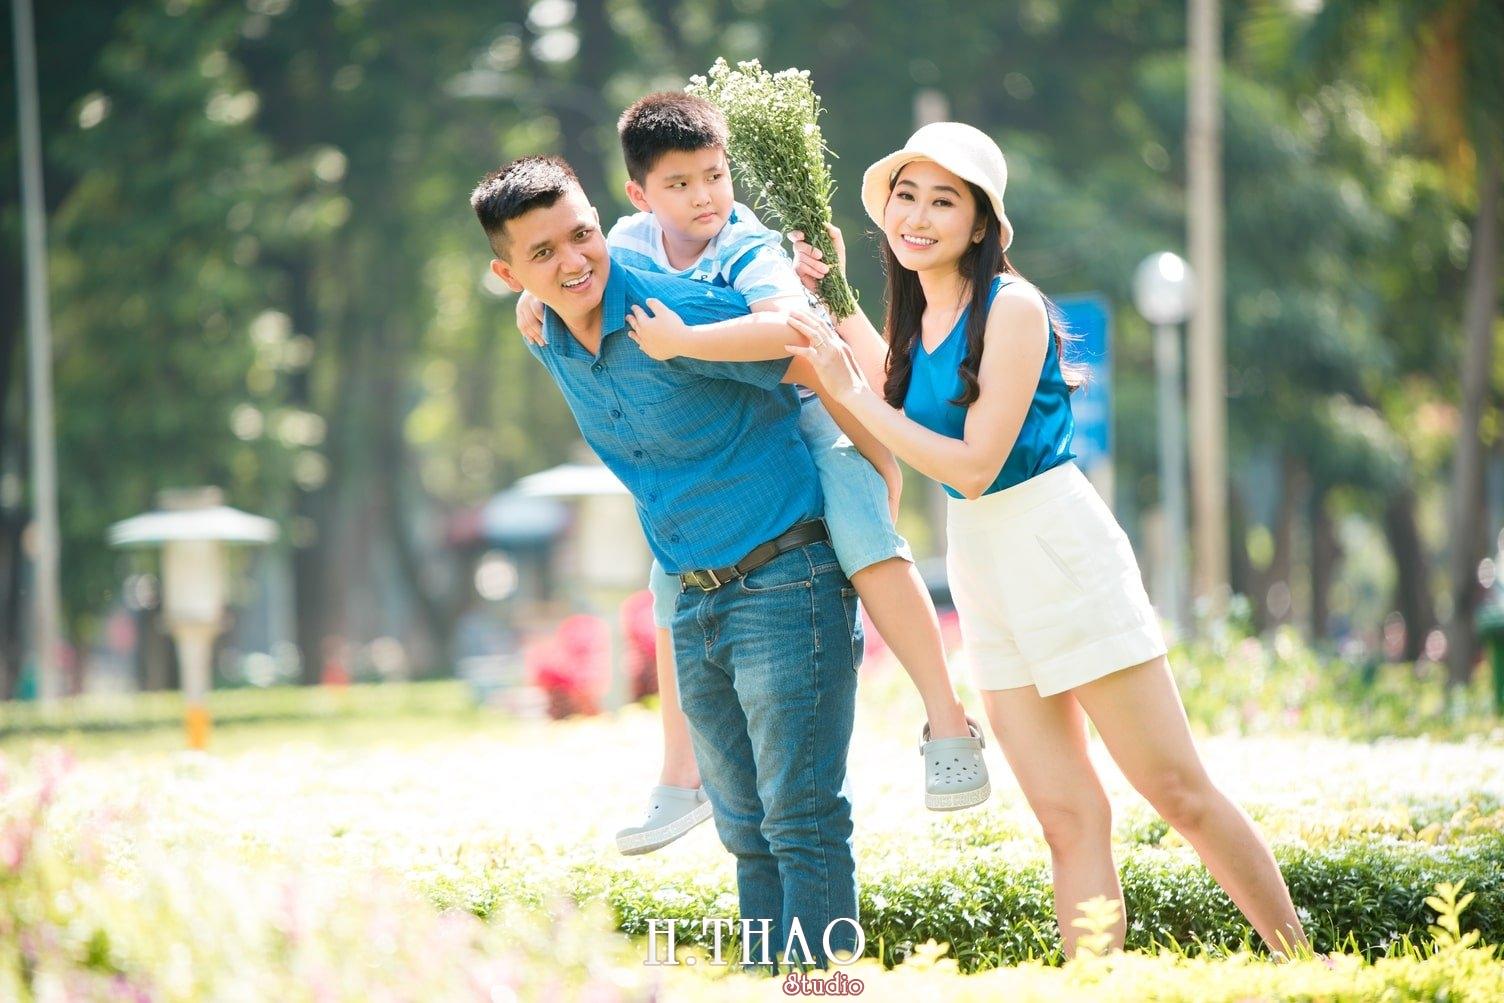 Anh Gia dinh 3 nguoi 11 - Bộ ảnh gia đình 3 người chụp ngoại cảnh đẹp tự nhiên - HThao Studio